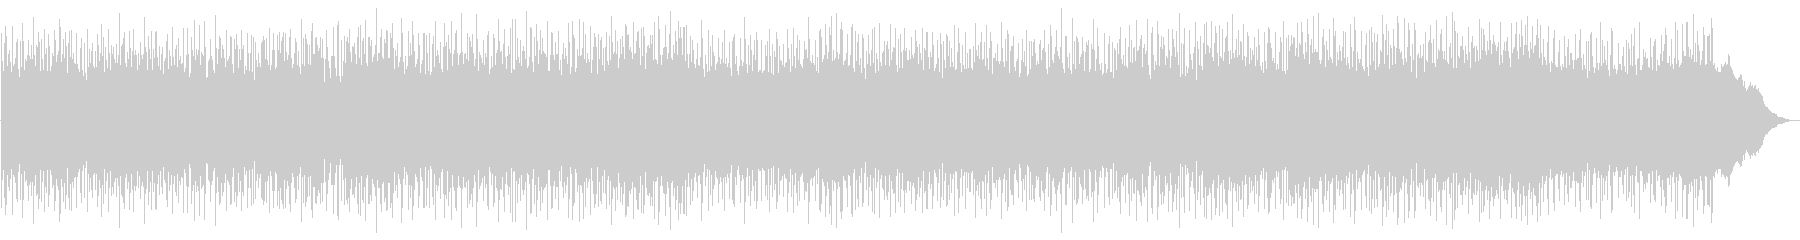 感傷的なメロディーのスローなボサノバですの未再生の波形